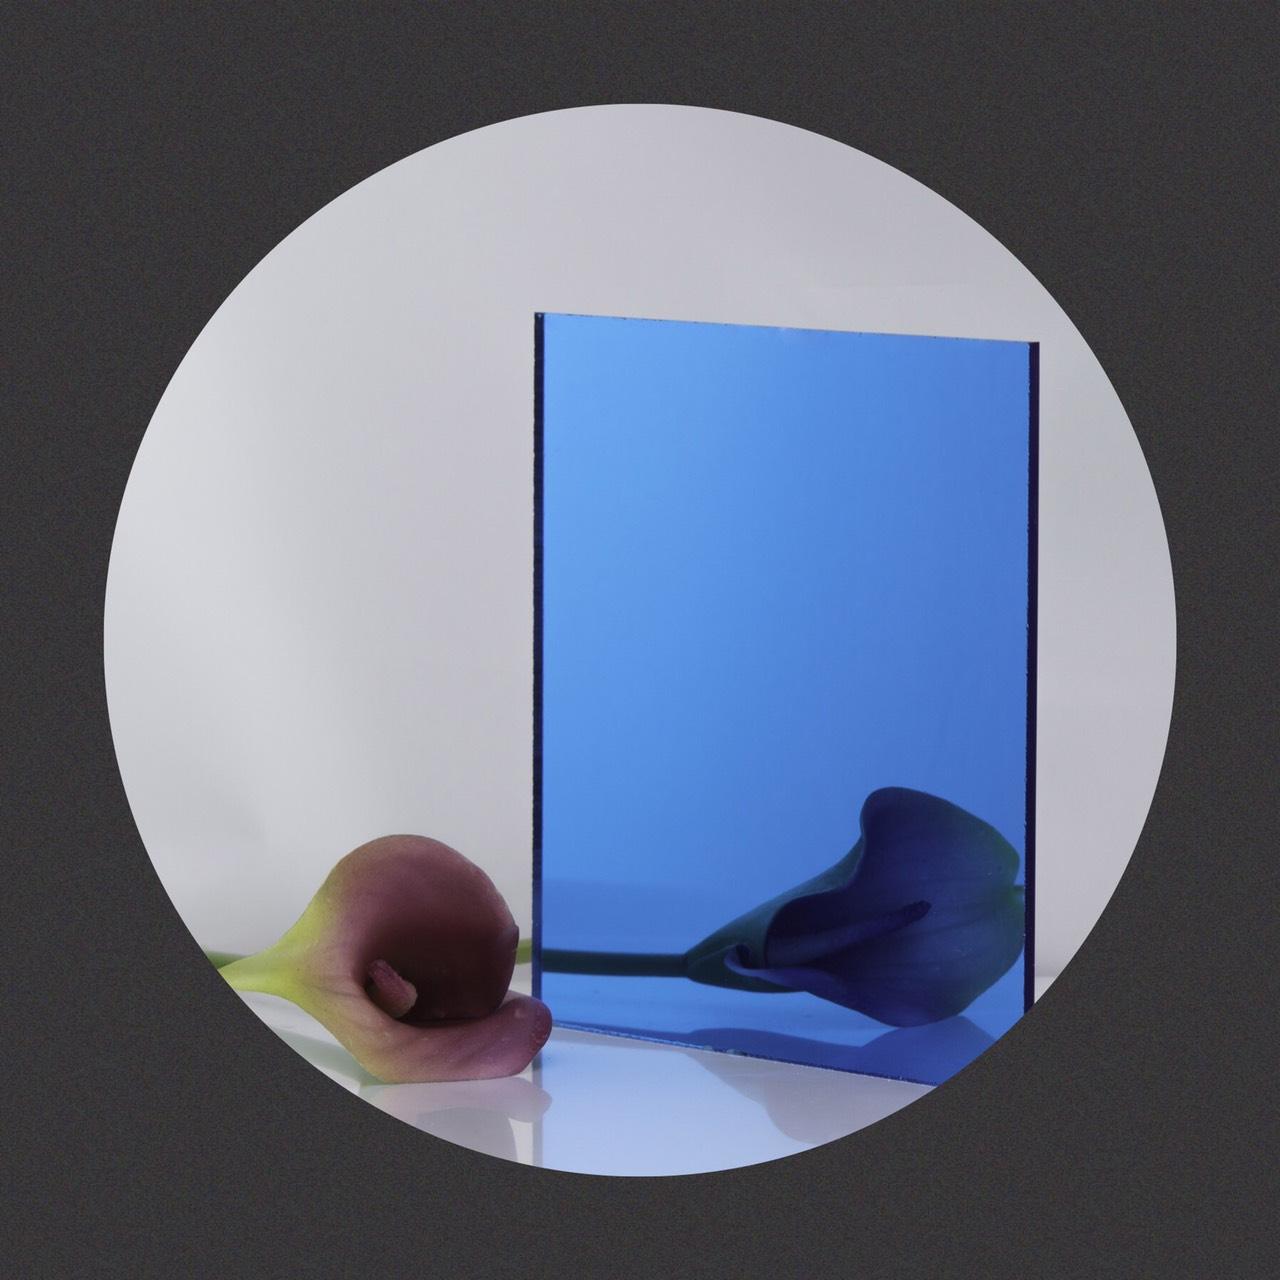 กระจกเงาสีฟ้า Ocean Blue Mirror